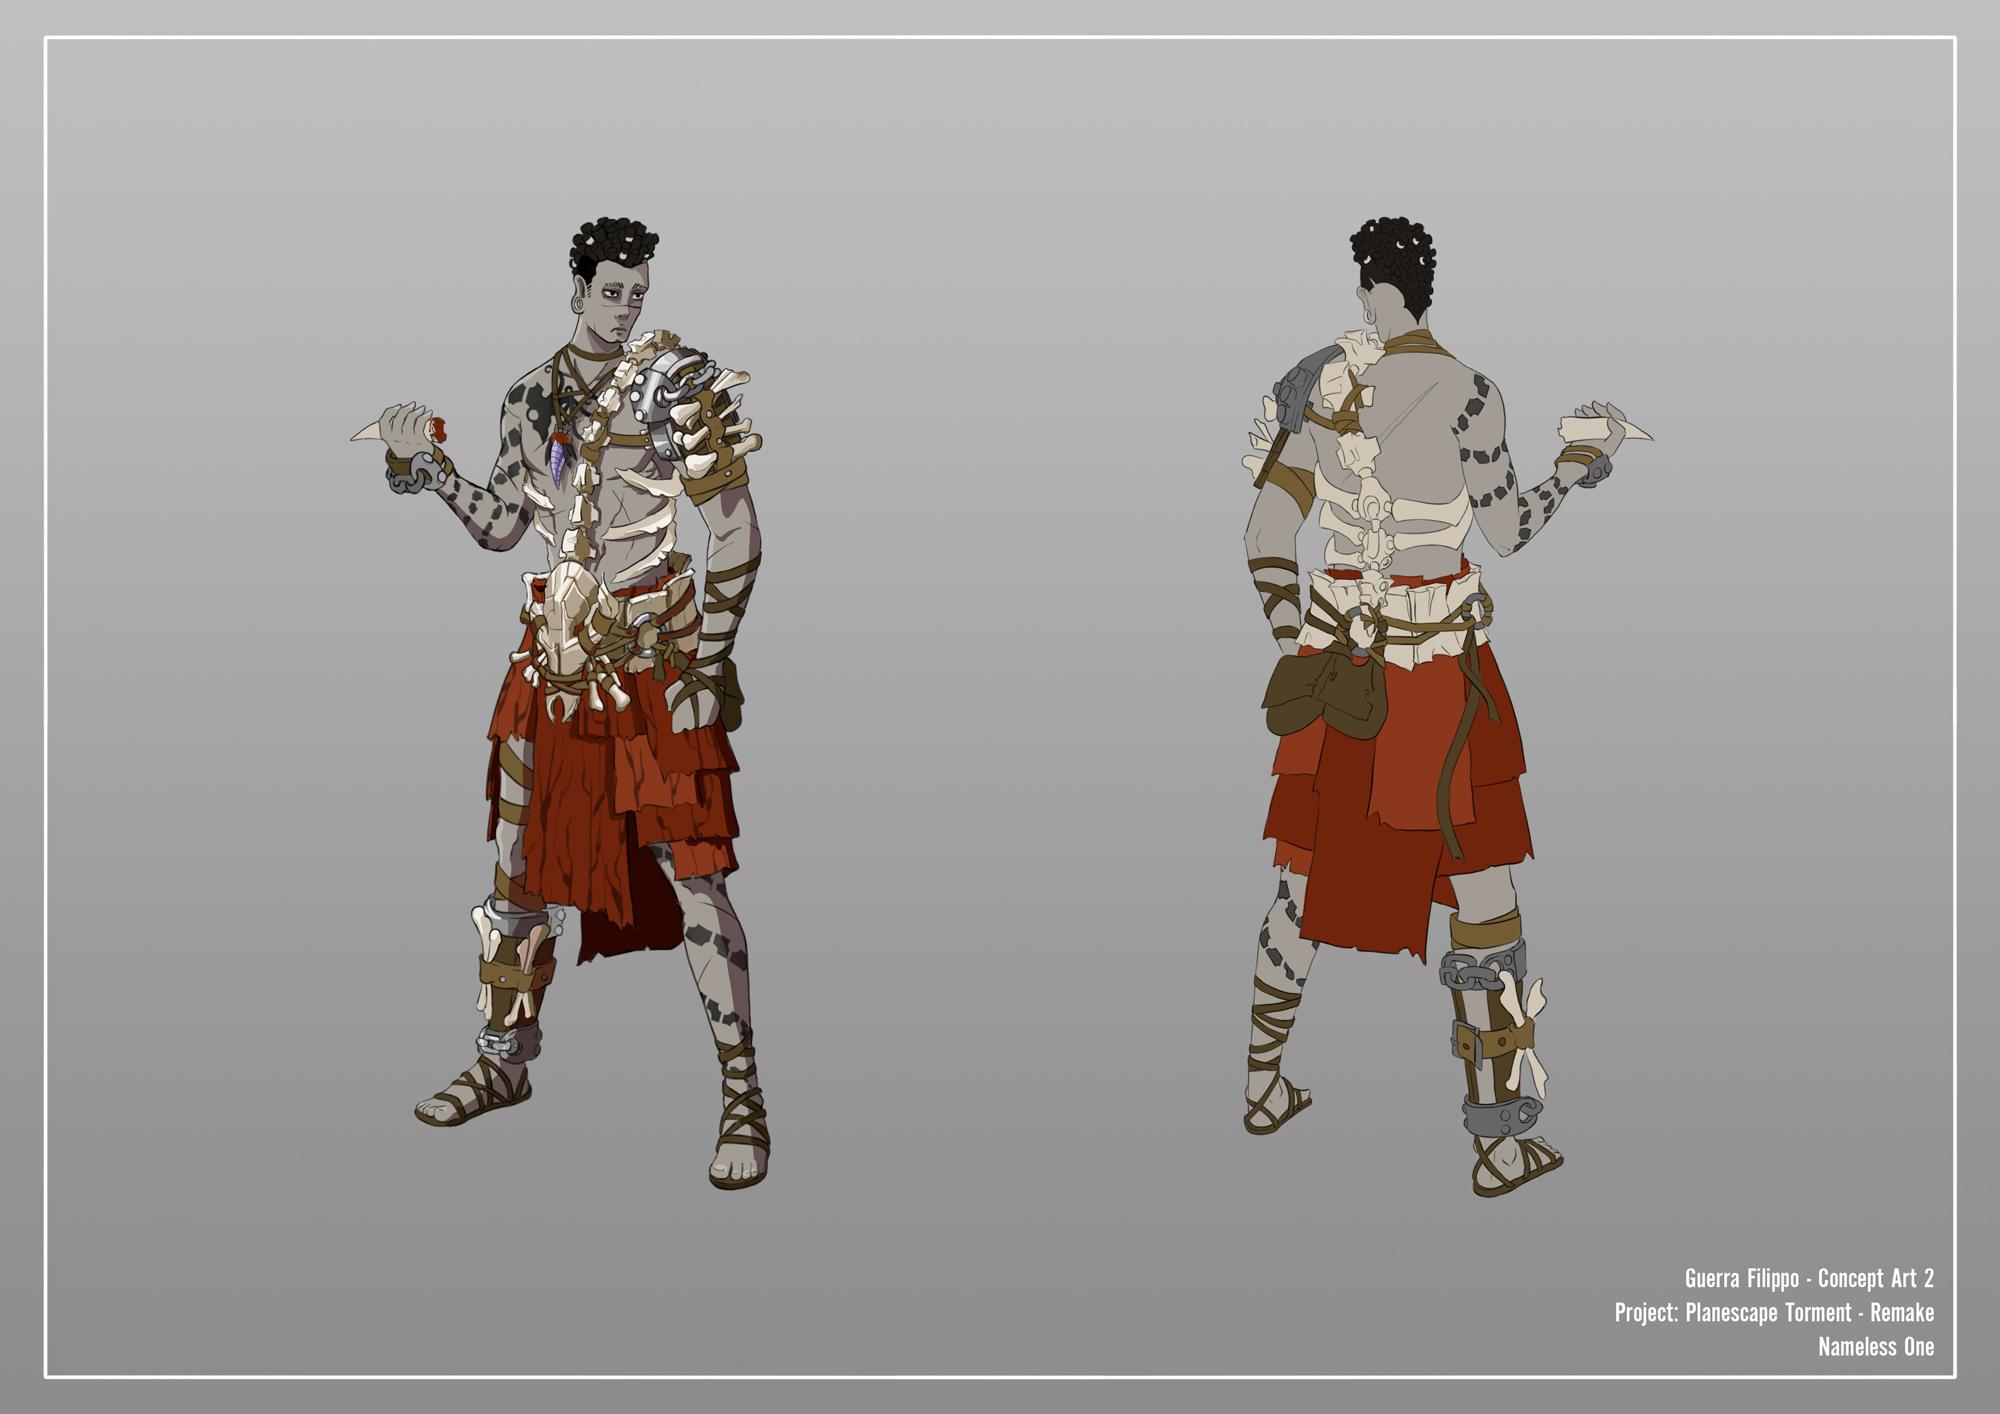 {$tags} Concept study personaggio, Nameless One - by Filippo Guerra Planescape Torment Redesign Project (2020) © Scuola Internazionale di Comics Torino e dell'autore, tutti i diritti riservati